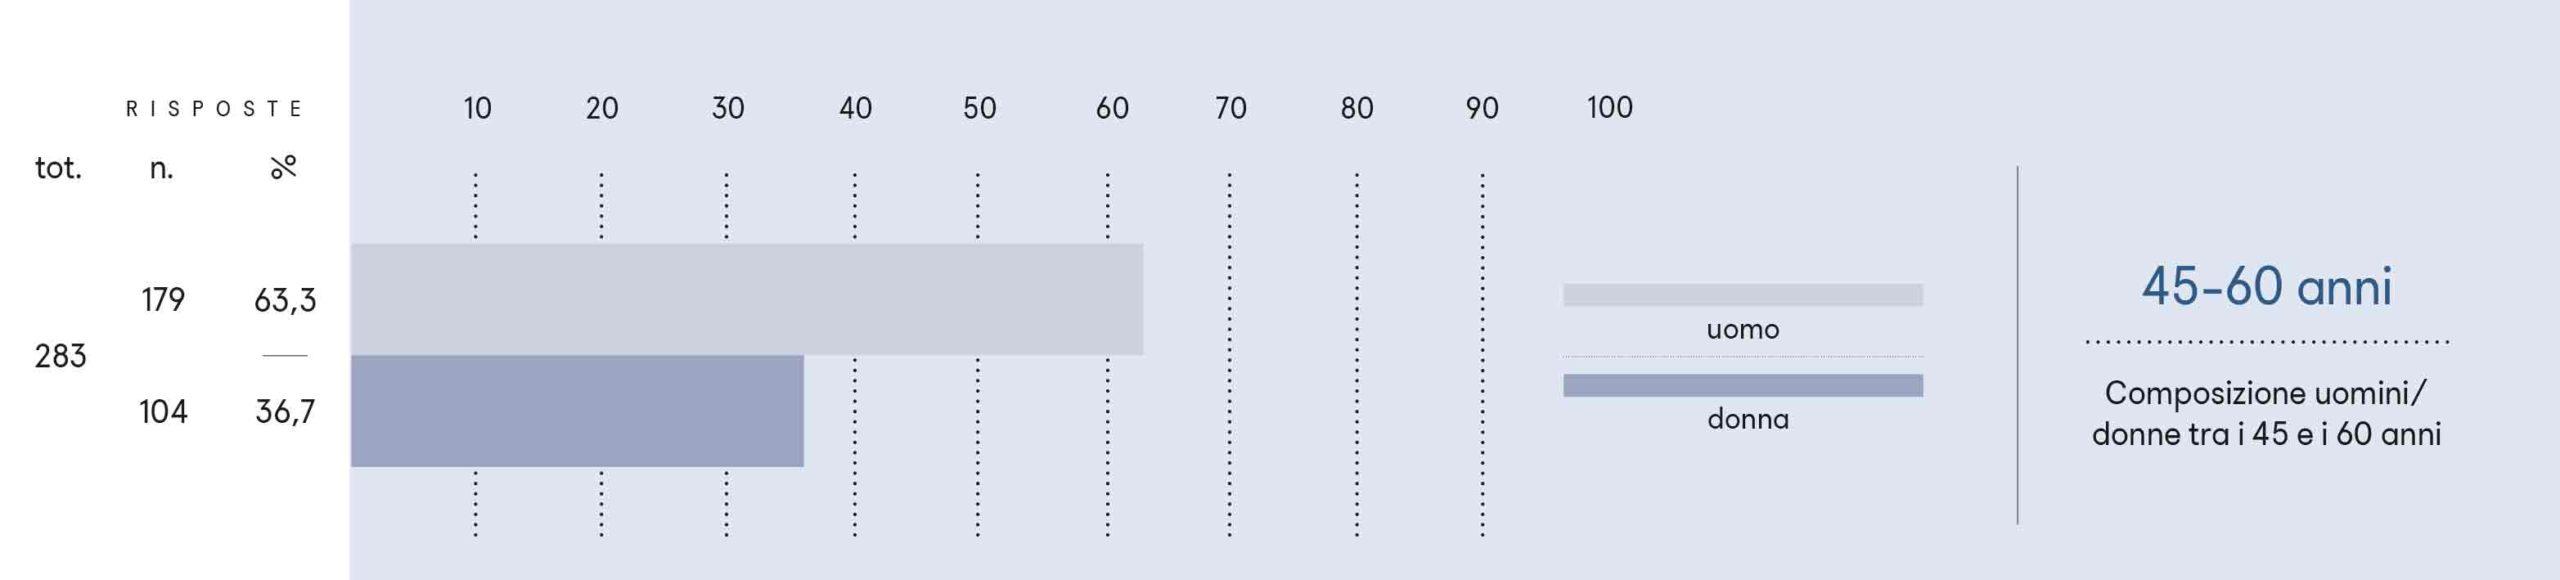 Composizione uomini/donne tra i 45 e i 60 anni.